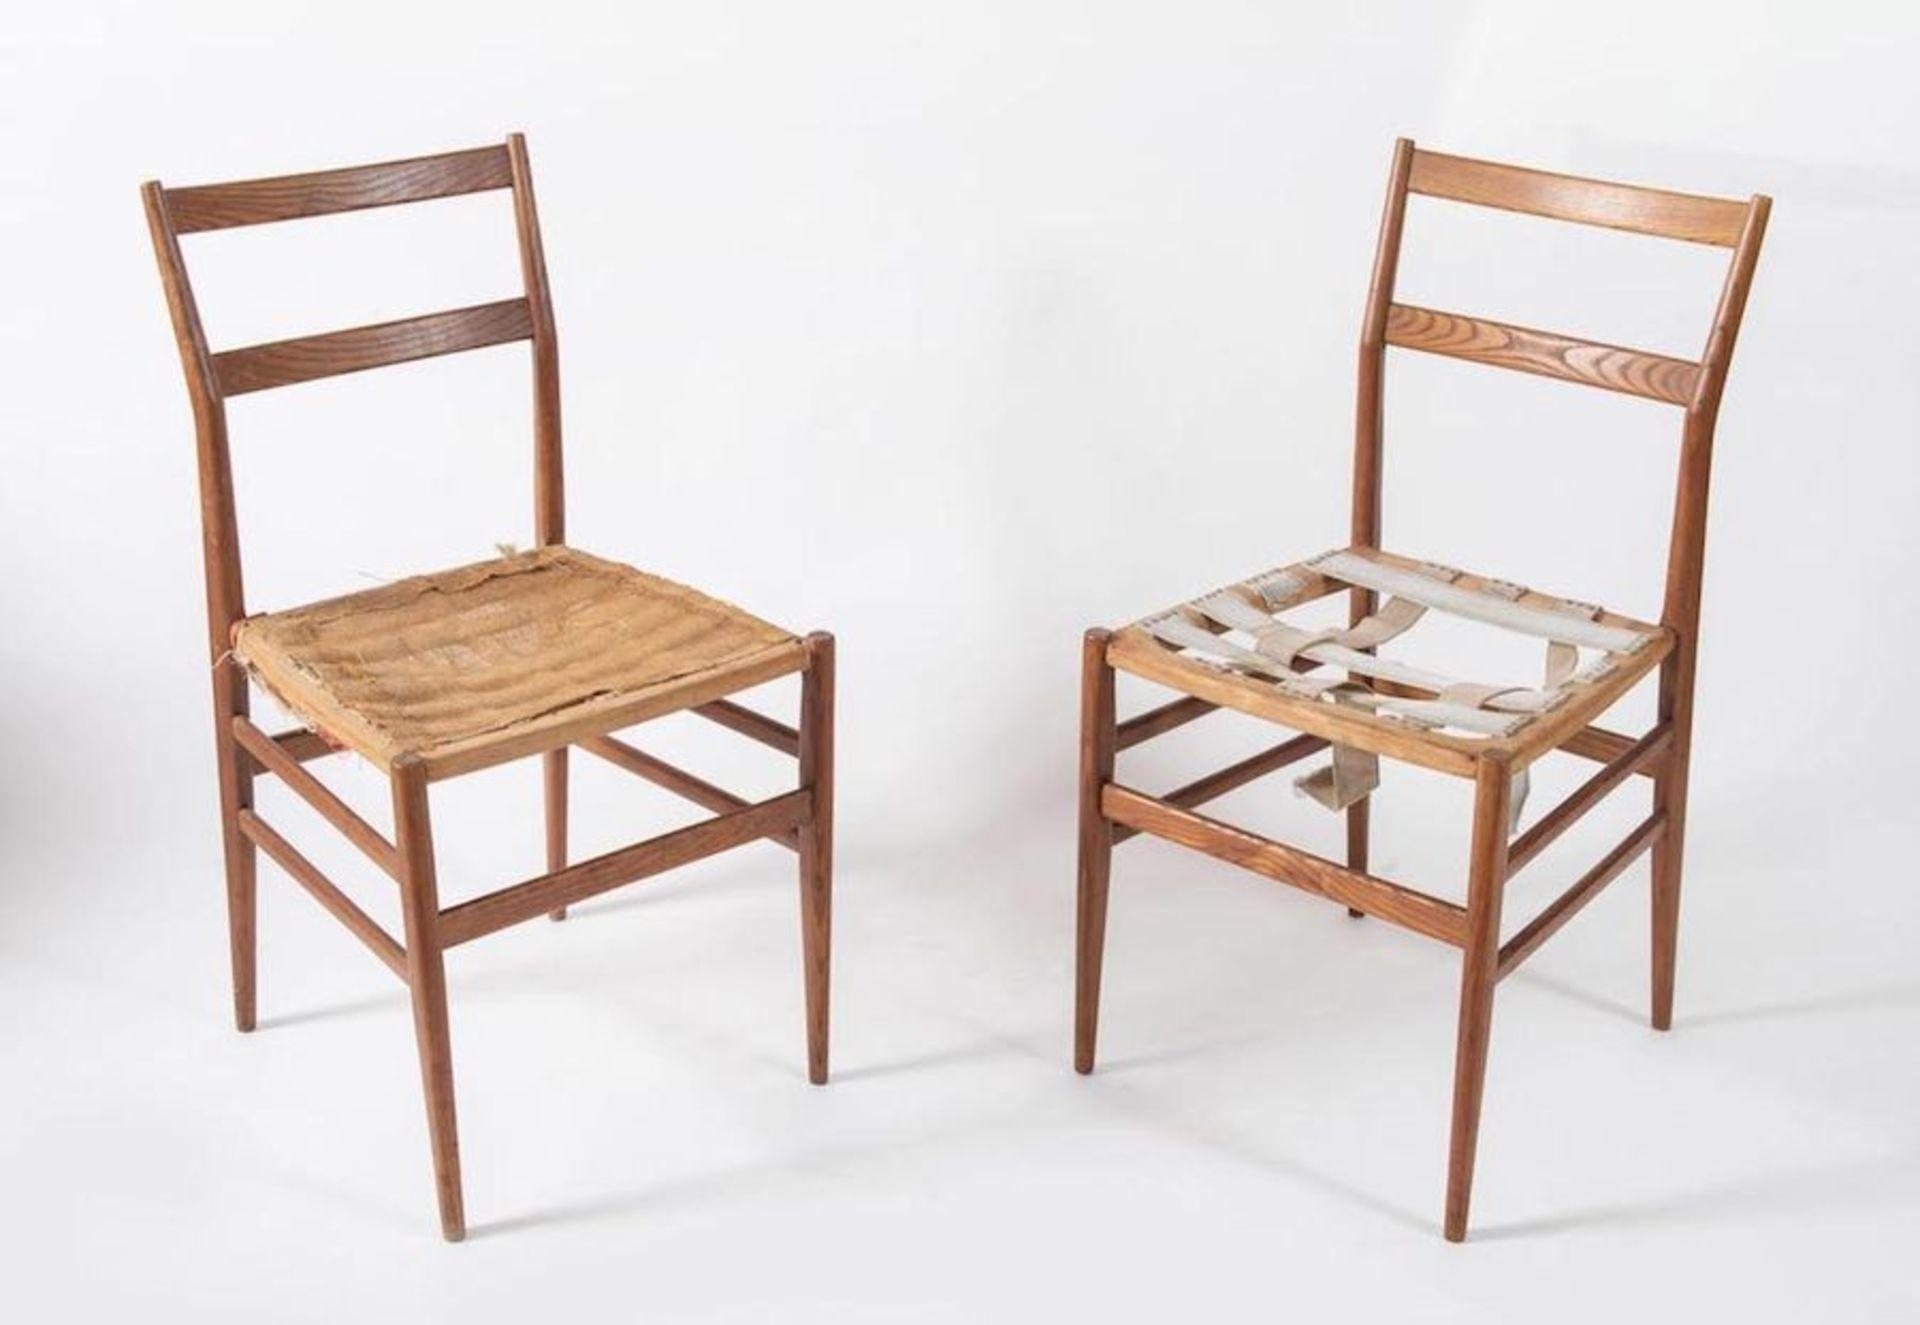 GIO PONTI Coppia di sedie in legno di frassino modello Leggera. Prod. Cassina, Italia, 1957 ca. Cada - Bild 2 aus 2